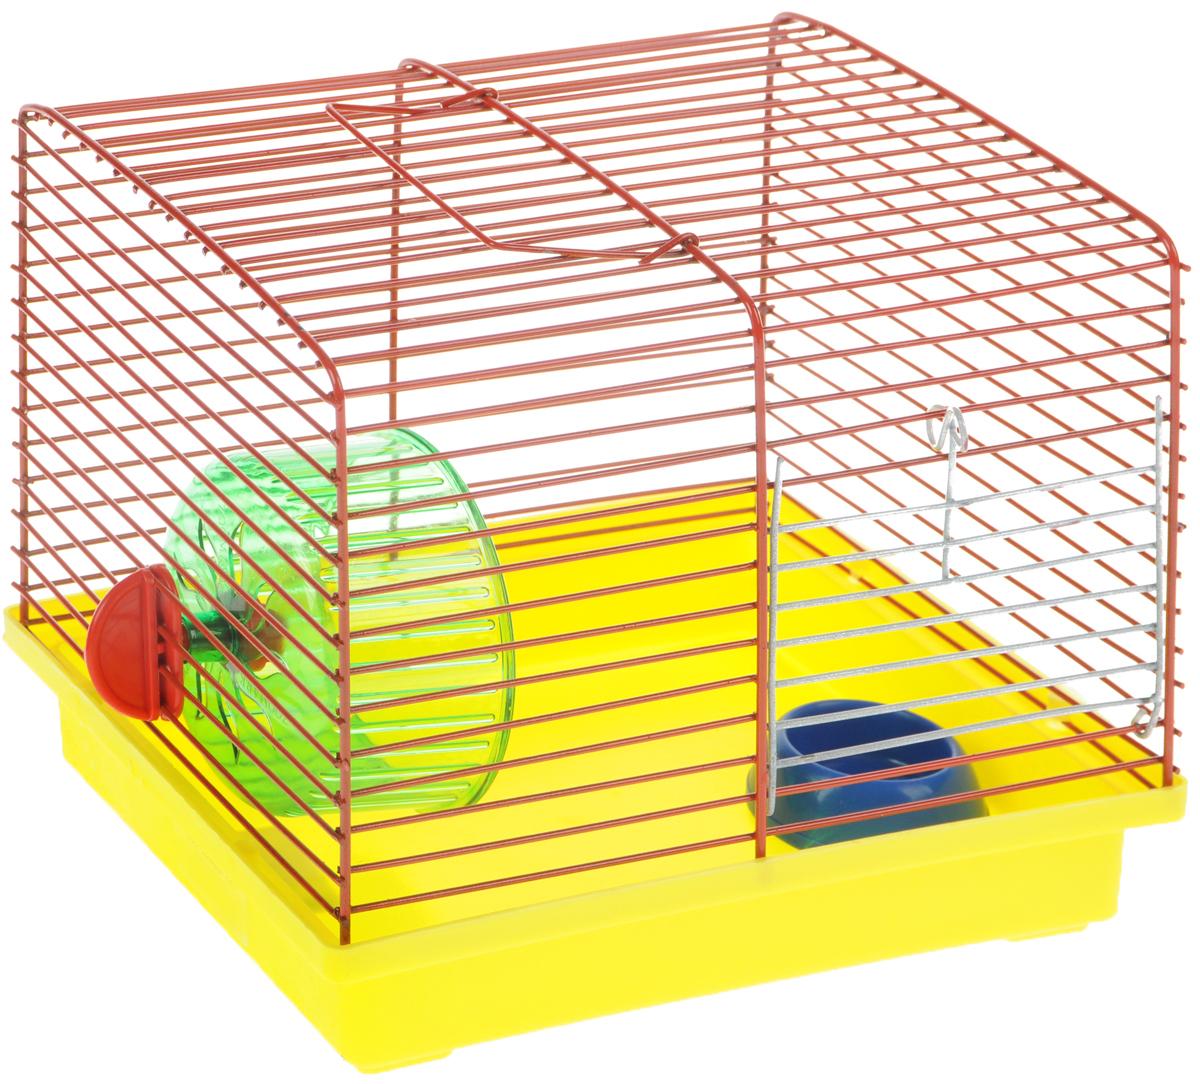 Клетка для джунгариков ЗооМарк, с колесом и миской, цвет: желтый поддон, красная решетка, 23 х 18 х 19 см511ЖККлетка ЗооМарк, выполненная из пластика и металла, подходит для мелких грызунов. Изделие оборудовано колесом для подвижных игр и пластиковой миской. Клетка имеет яркий поддон, удобна в использовании и легко чистится. Сверху имеется ручка для переноски. Такая клетка станет личным пространством и уютным домиком для маленького грызуна. Комплектация: - клетка с поддоном; - миска; - колесо.